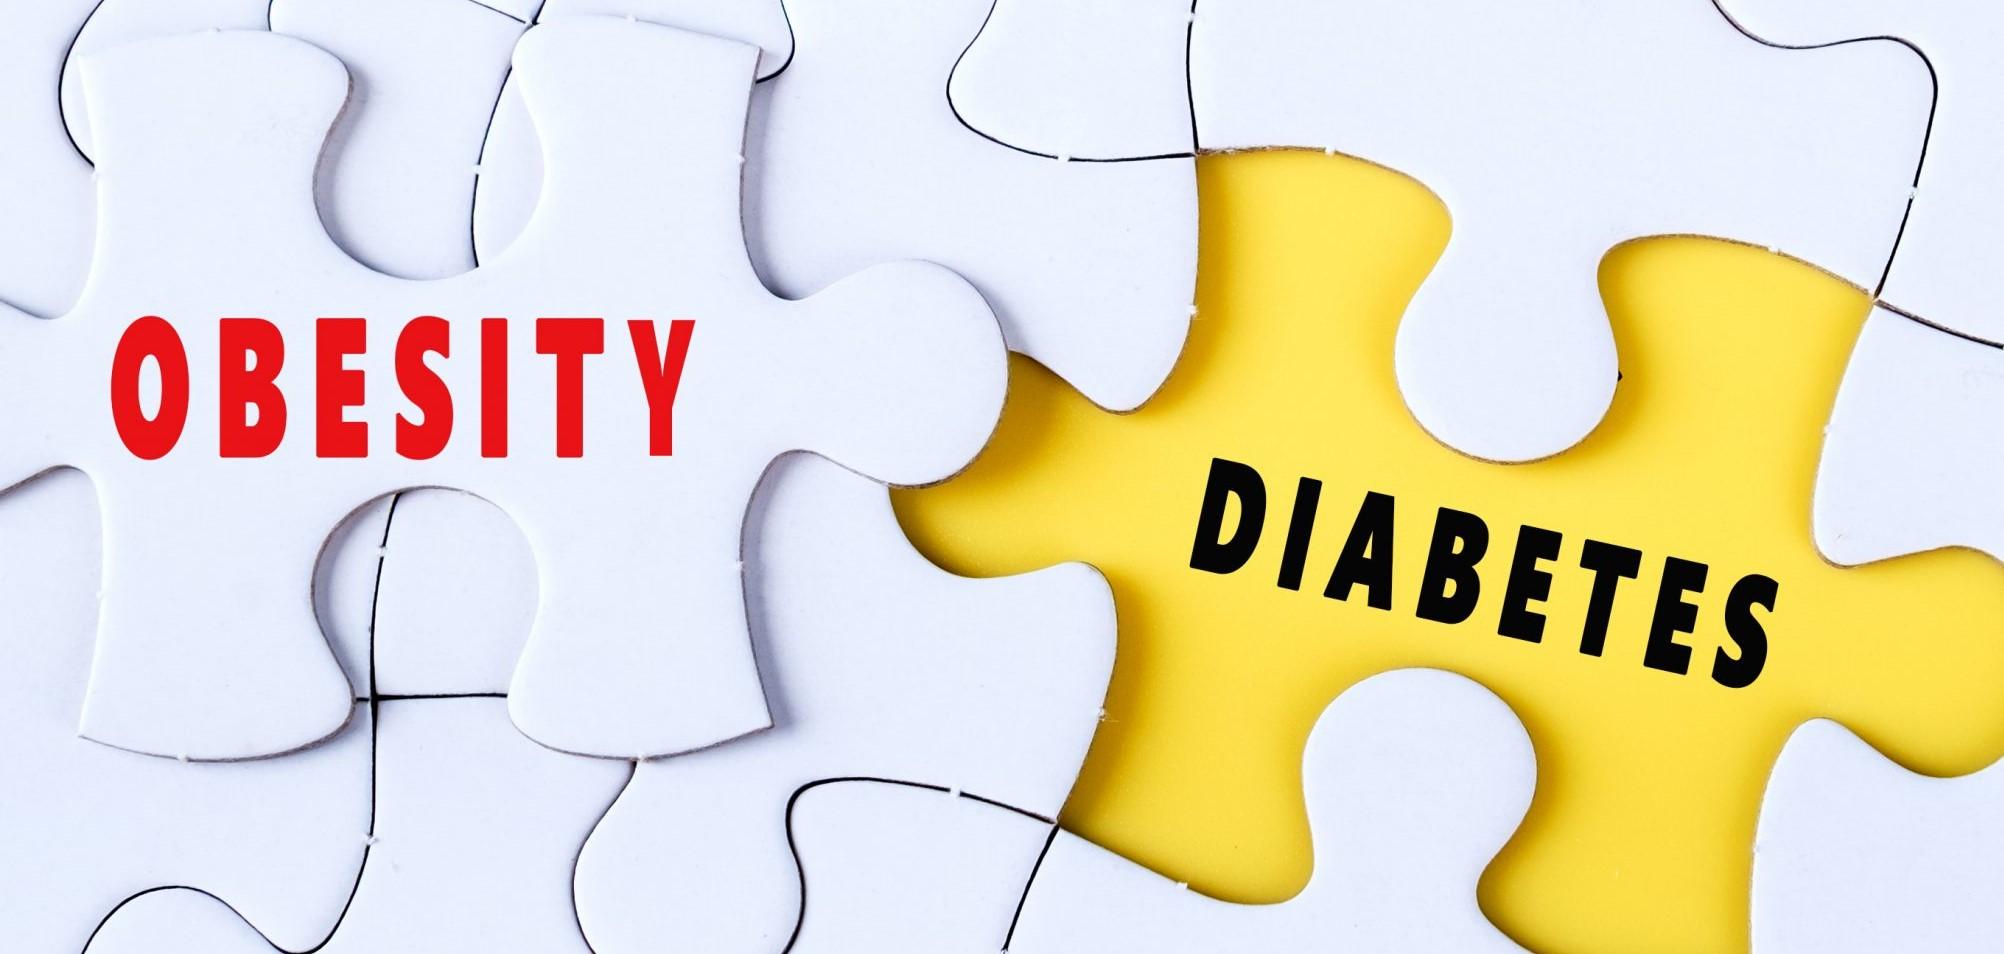 Ново научно проучване преобръща представата за възпалението при диабет тип 2